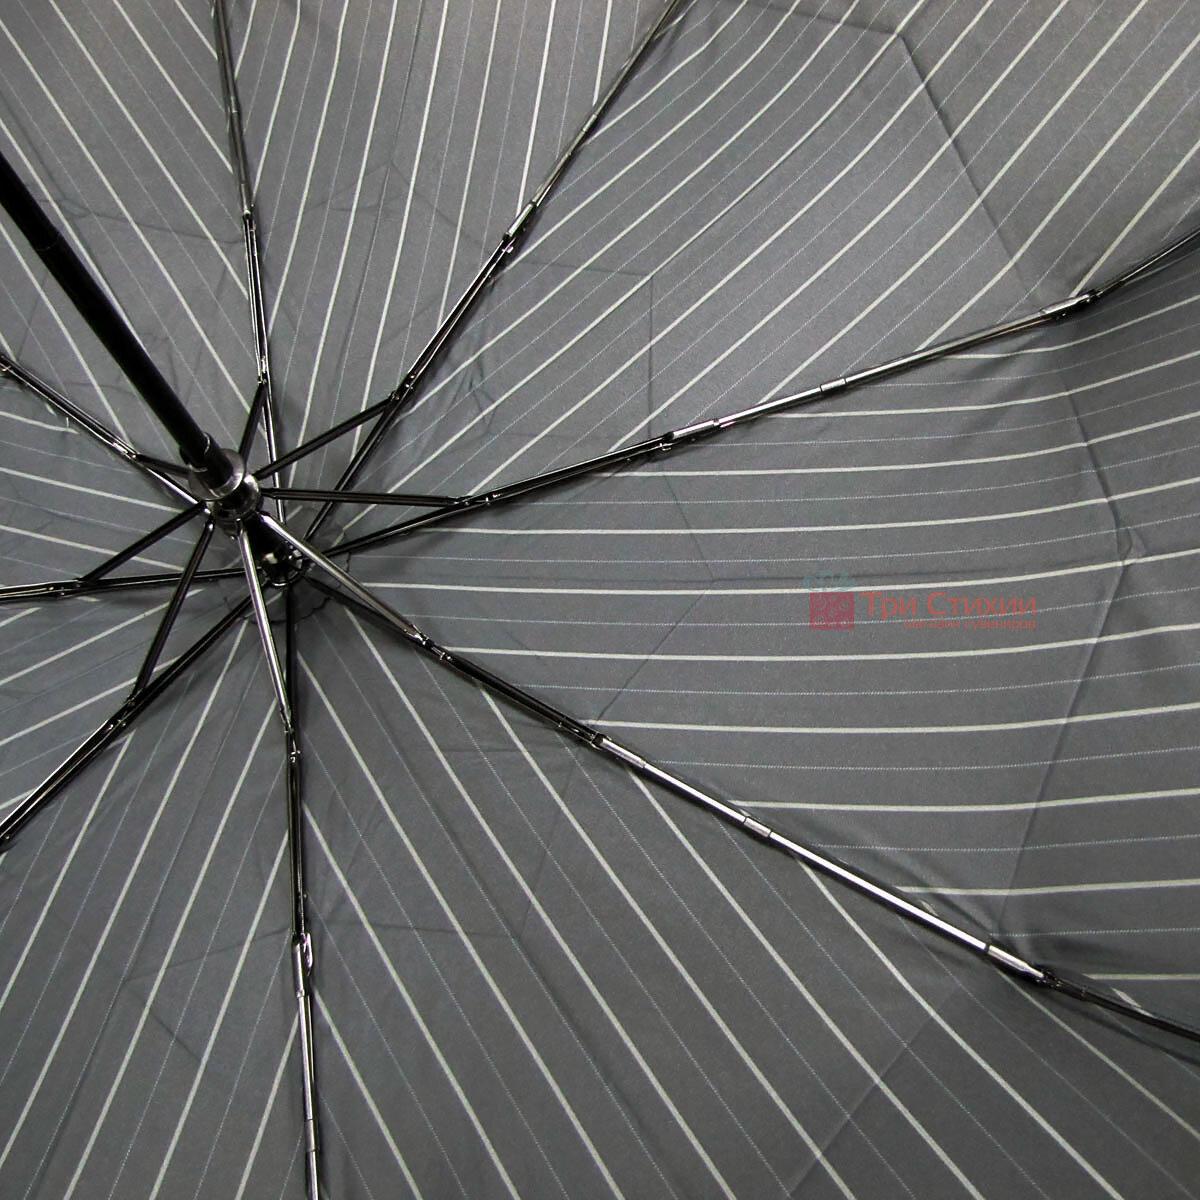 Зонт складной Doppler XM 74367N-4 полный автомат Широкая полоска, фото 4